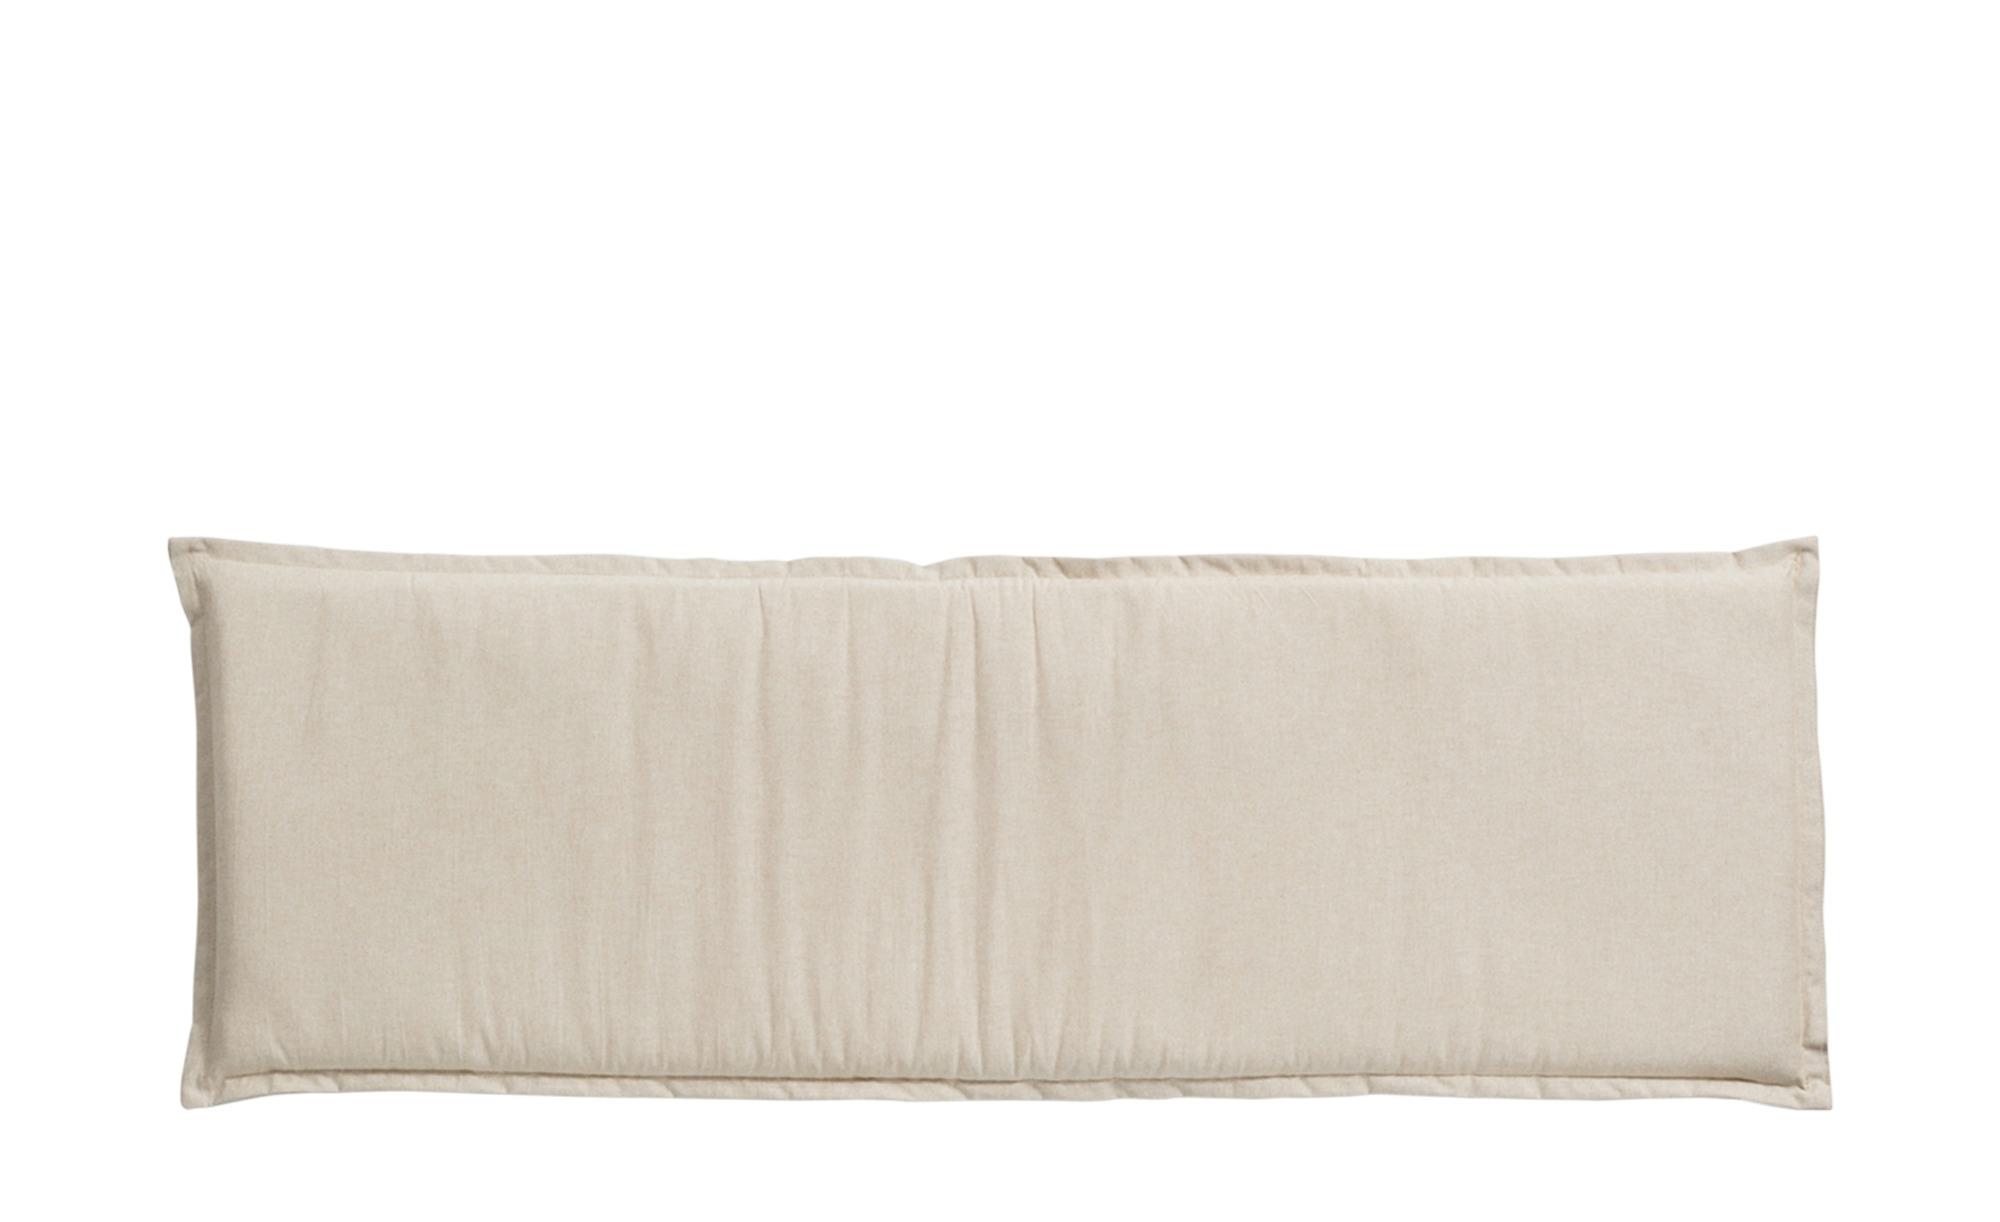 Dreisitzer-Bankauflage  High Tea Sand ¦ beige ¦ Mischgewebe, 85% Baumwolle, 15% Polyester ¦ Maße (cm): B: 48 H: 6 Garten > Auflagen & Kissen > Sonstige Sitzkissen - Höffner